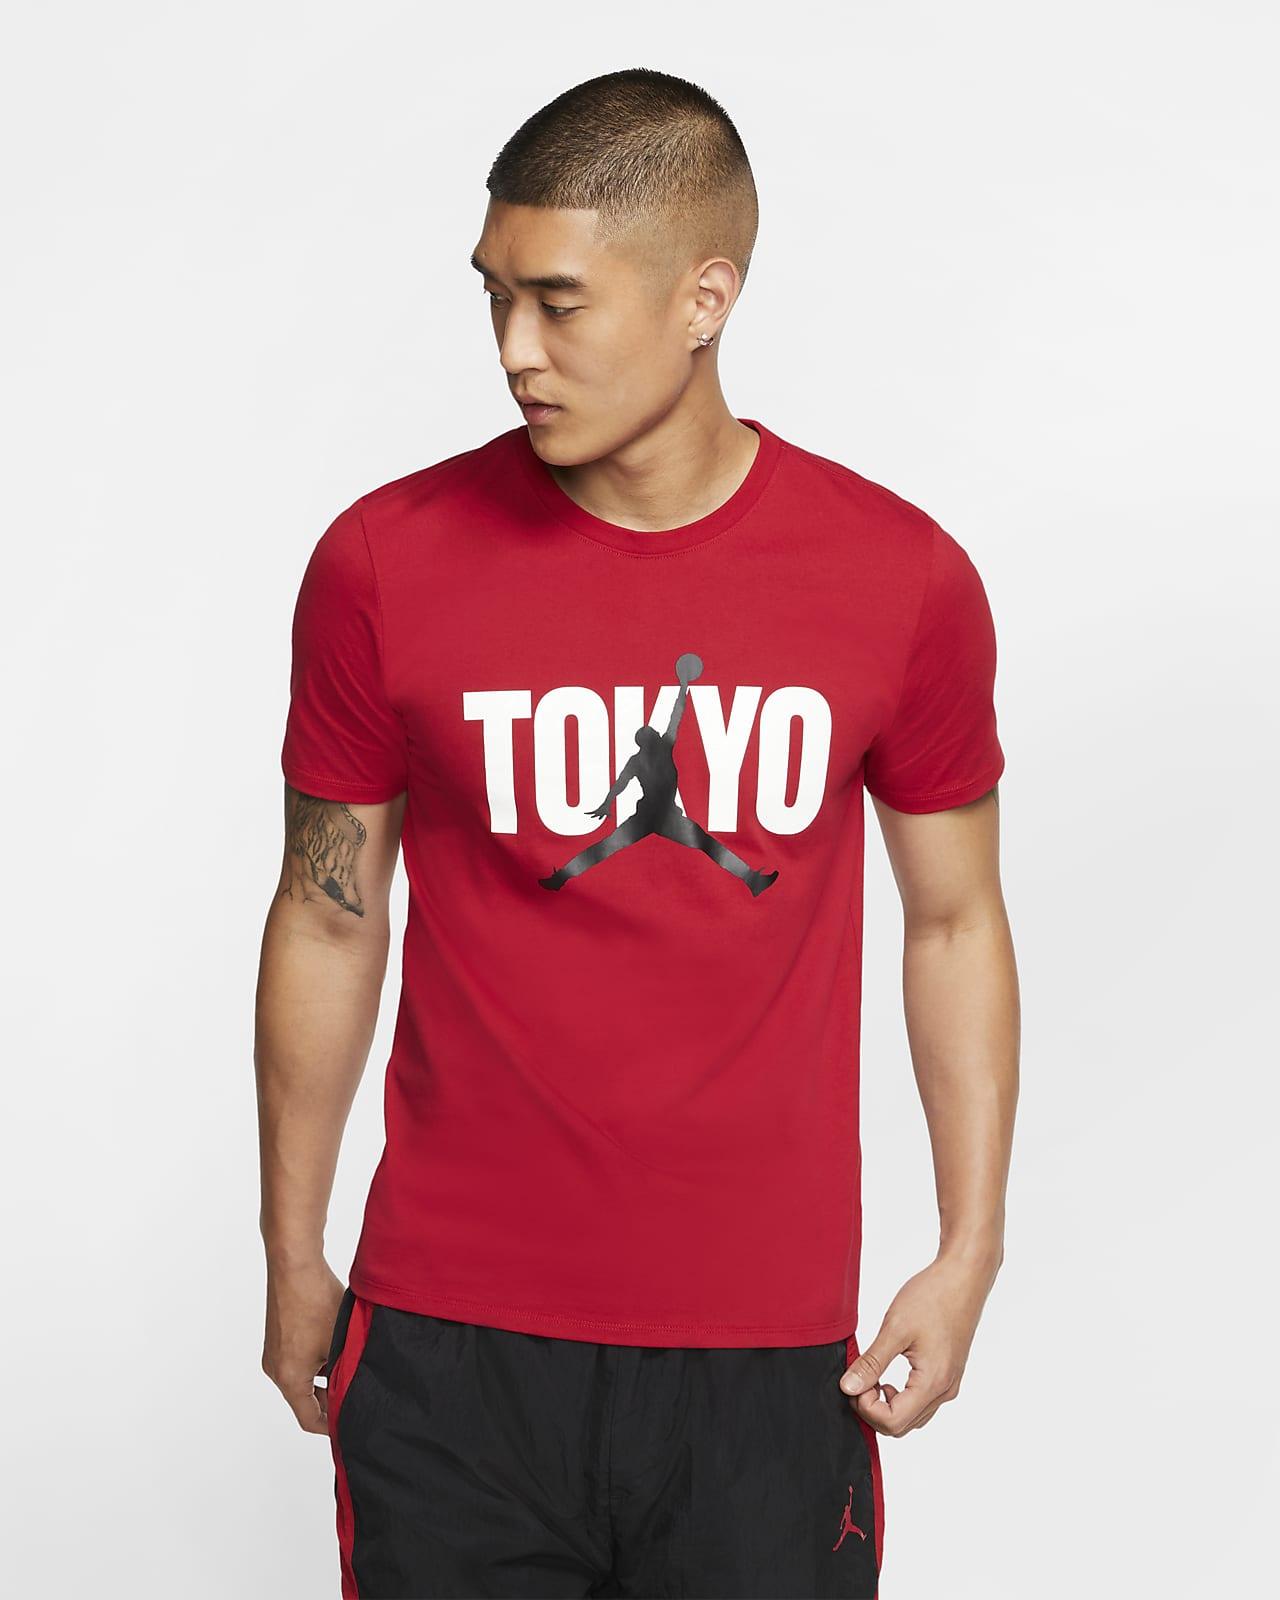 ジョーダン バック イン TOKYO メンズ Tシャツ